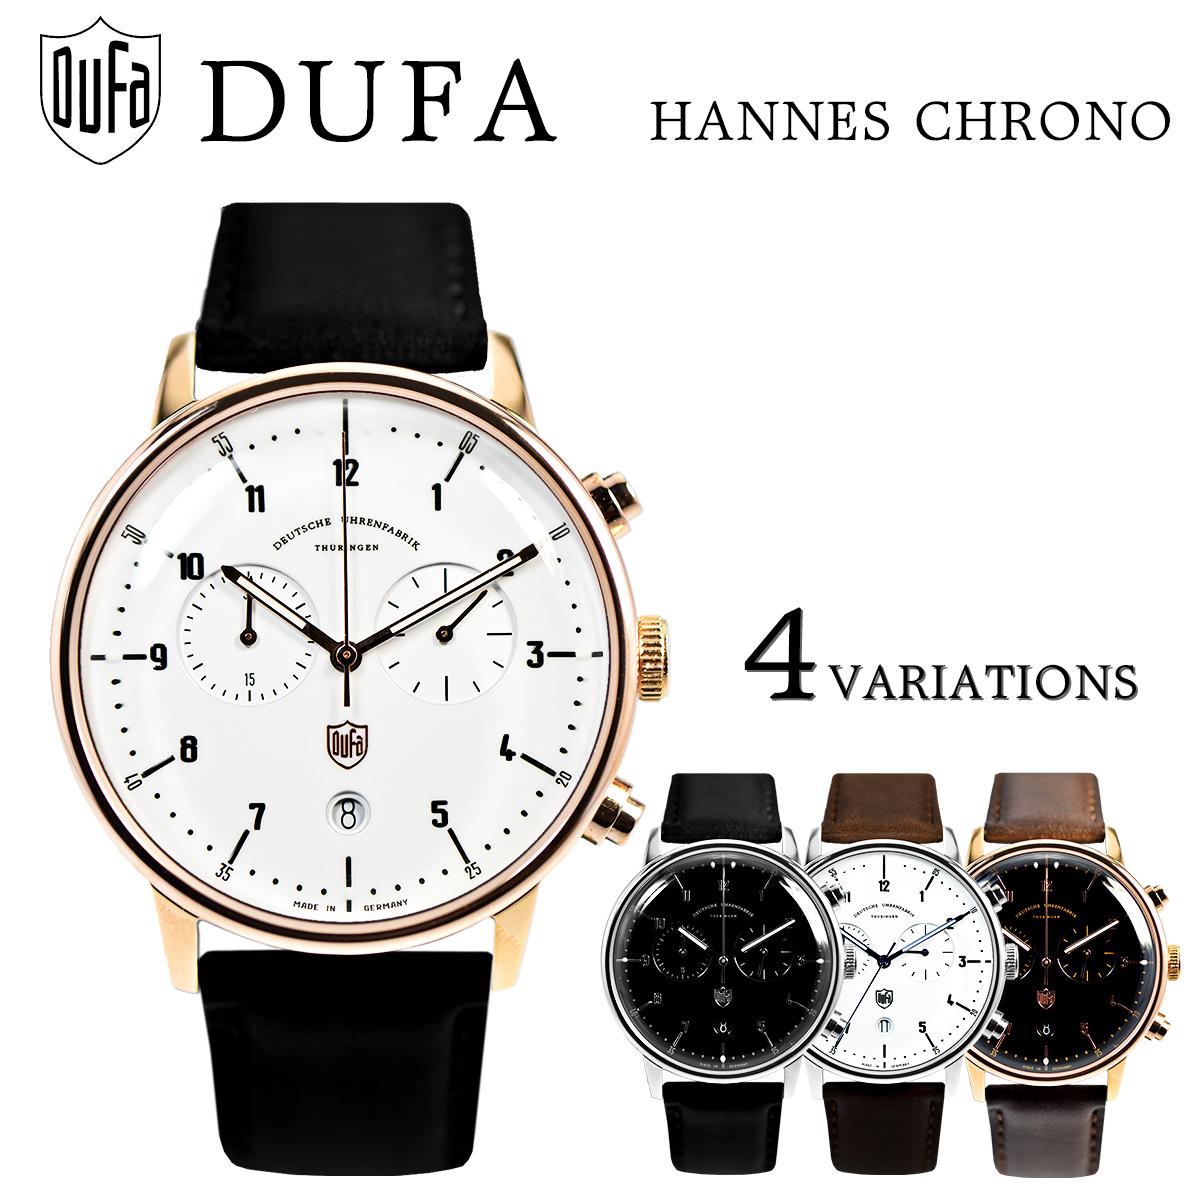 【全品送料無料】 DUFA ドゥッファ HANNES CHRONO ハンネスクロノ DF-9003-01 DF-9003-02 DF-9003-04 DF-9003-05 時計 腕時計 メンズ レディース 男性 女性 ホワイト おしゃれ プレゼント 贈り物 ギフト ドイツ バウハウス[あす楽]